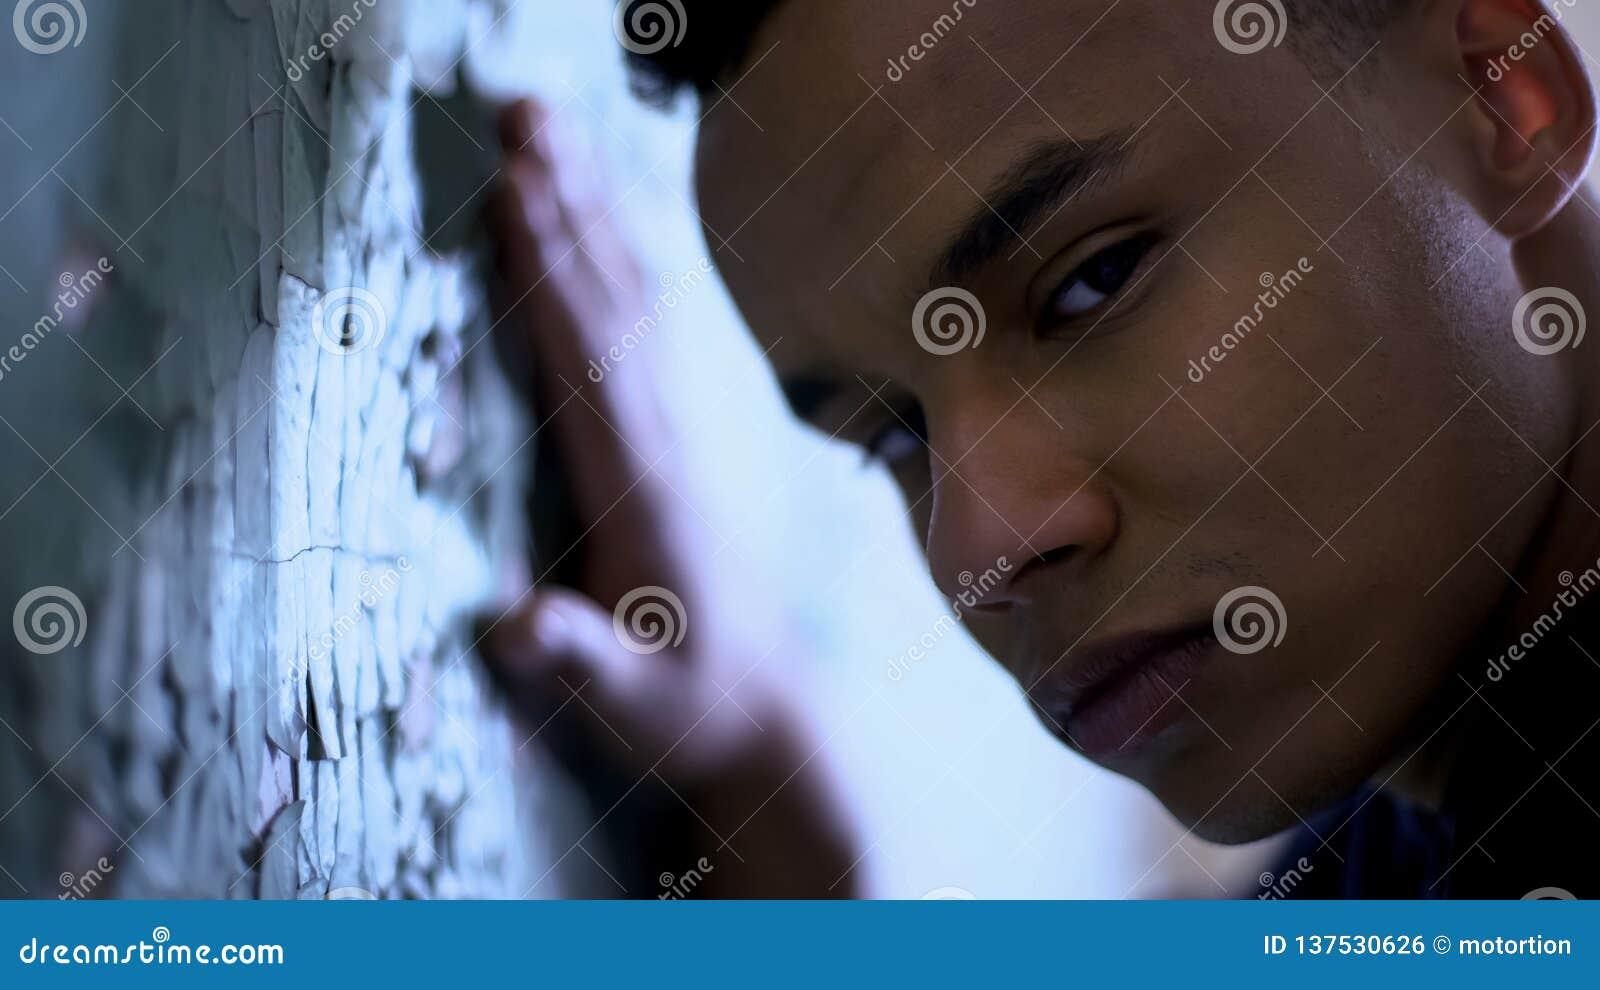 倾斜在片状墙壁、贫穷和生活困难,悲伤的美国黑人的男孩